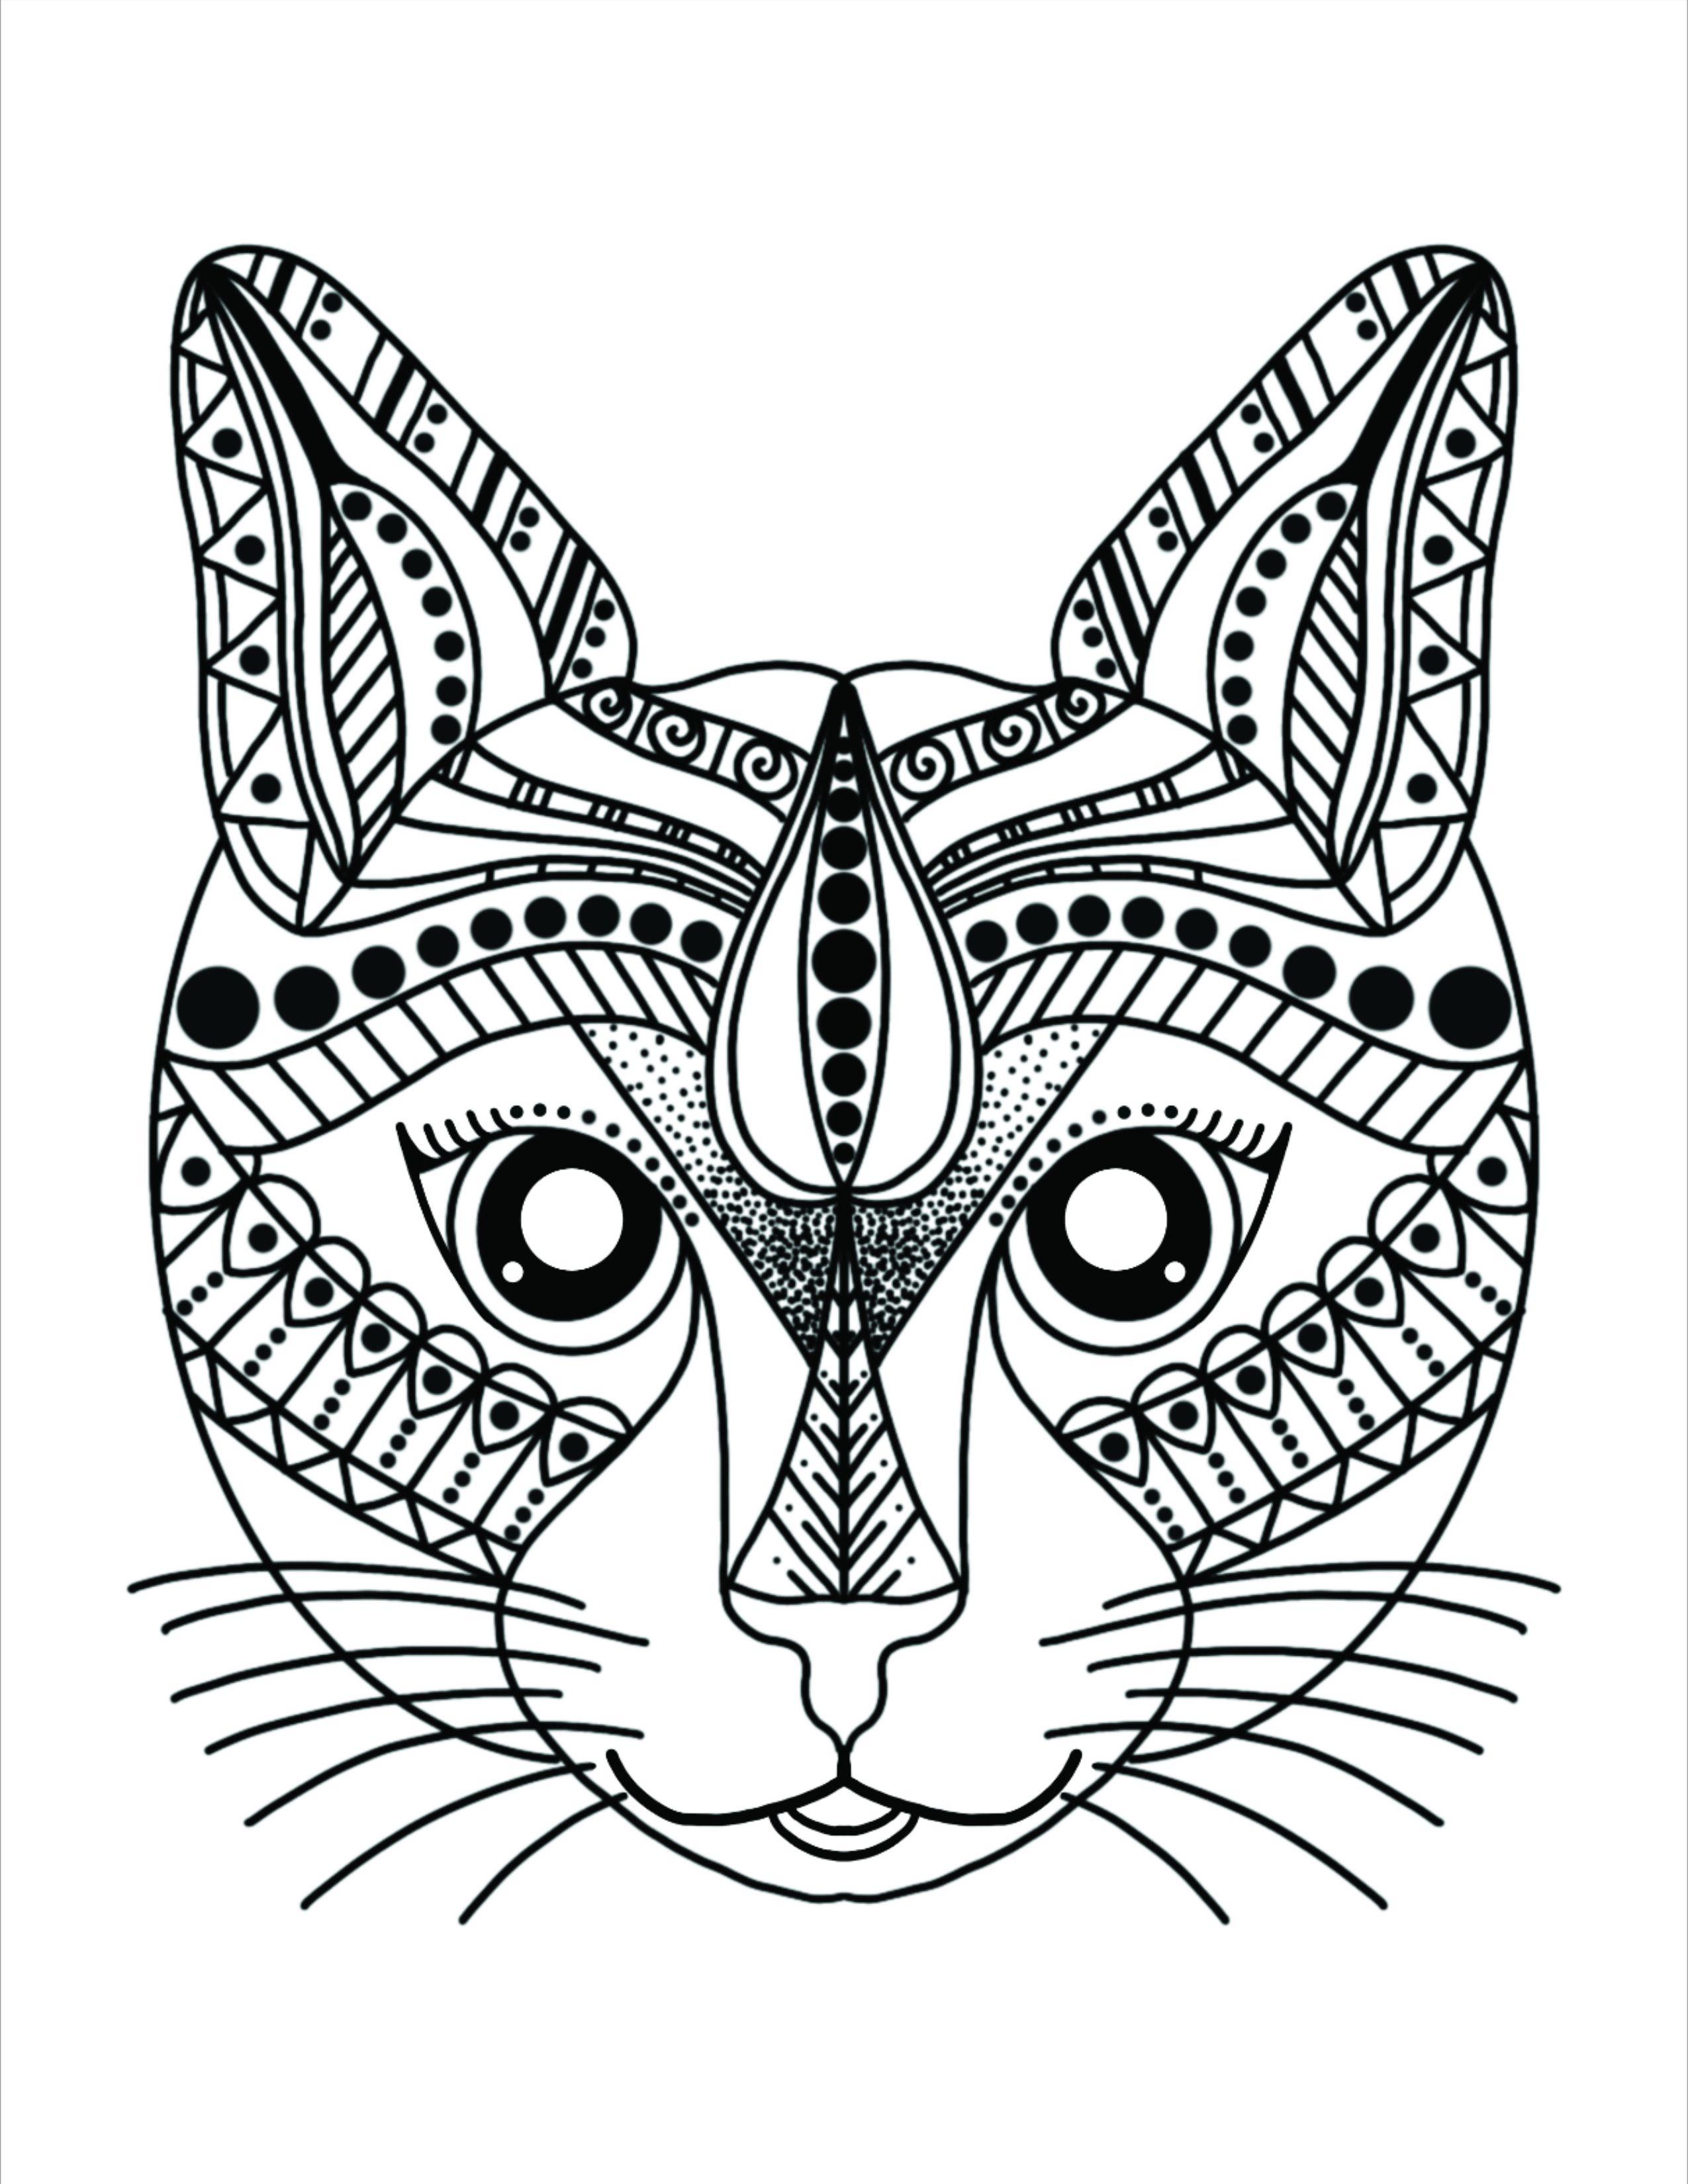 katze zum ausmalen  katzenmandalas  katze zum ausmalen